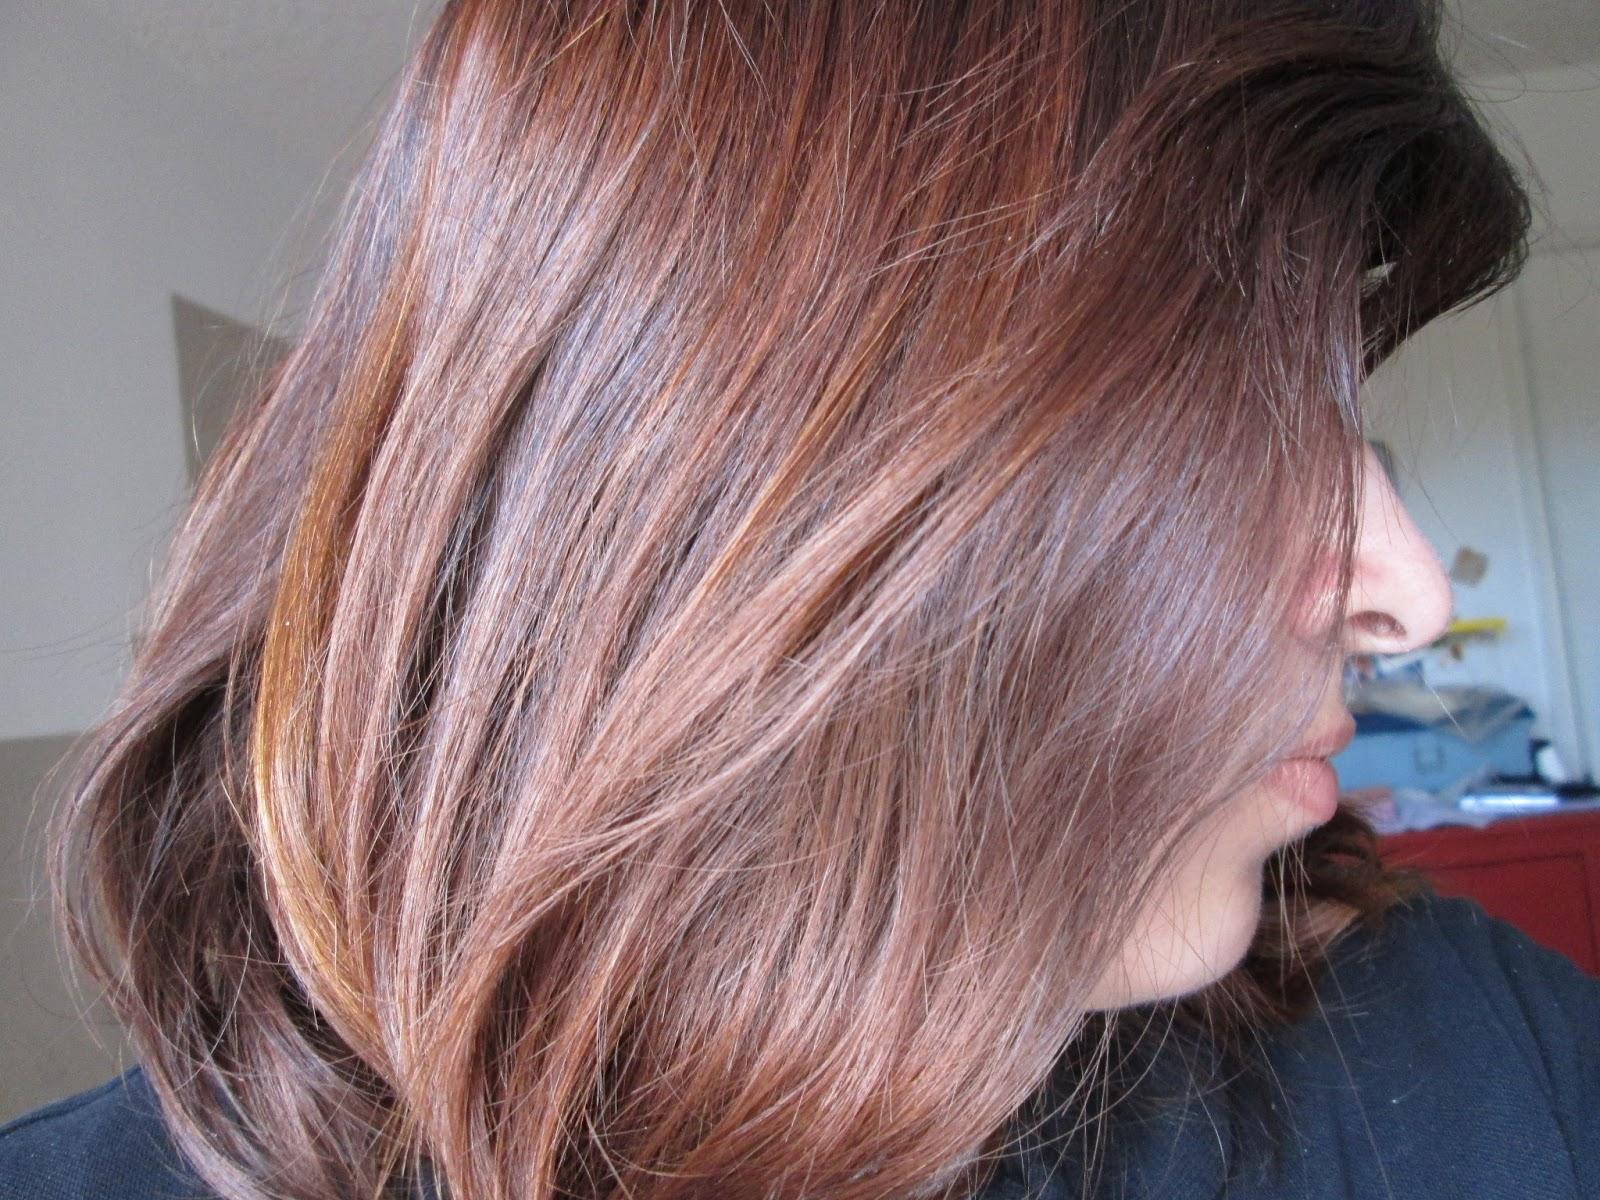 Desphie Beauty Rave Naturtint Permanent Hair Color